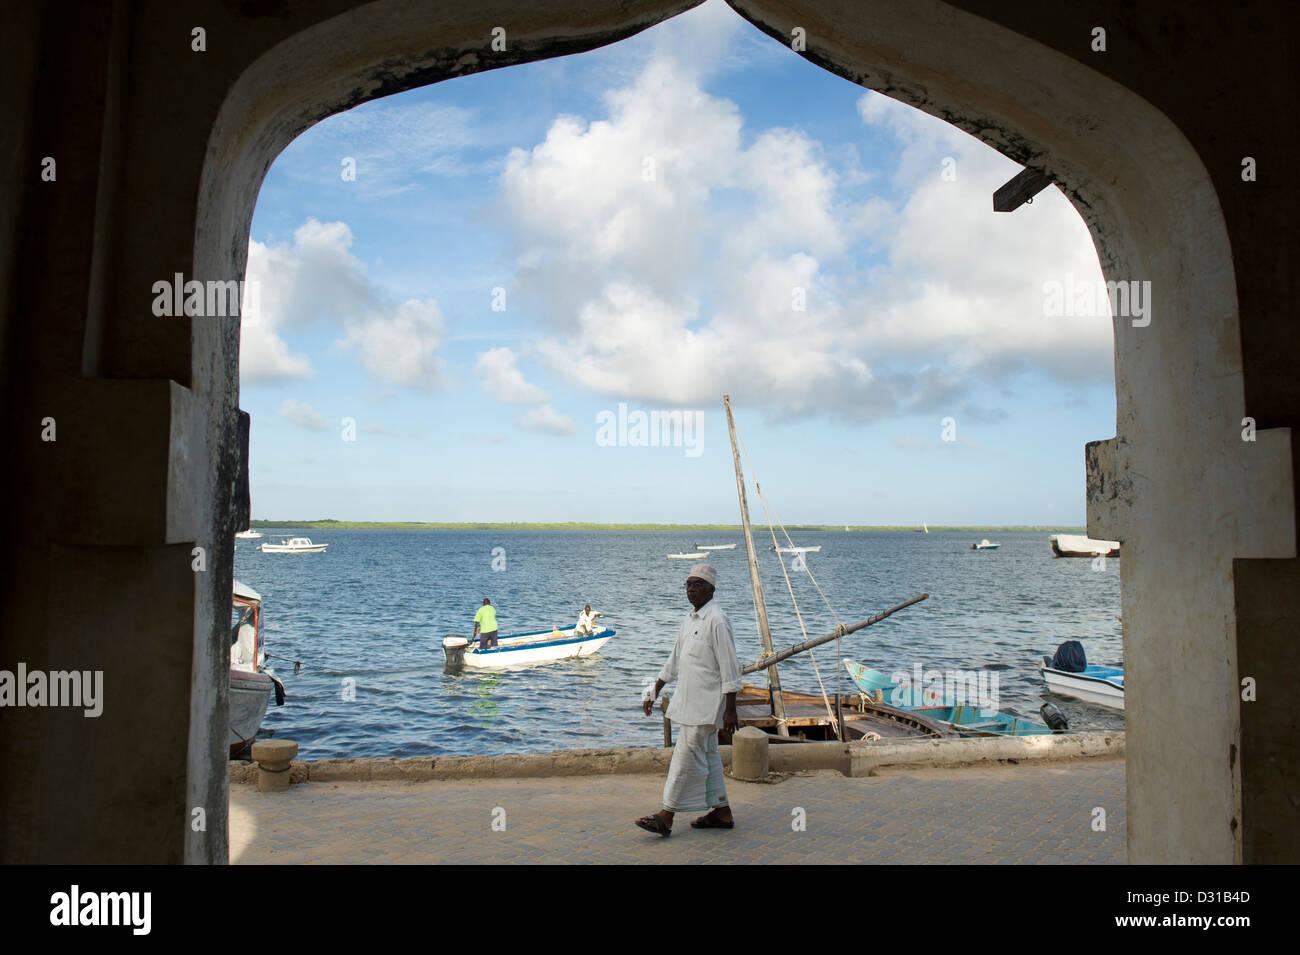 Lamu waterfront, Lamu Archipelago, Kenya Stock Photo